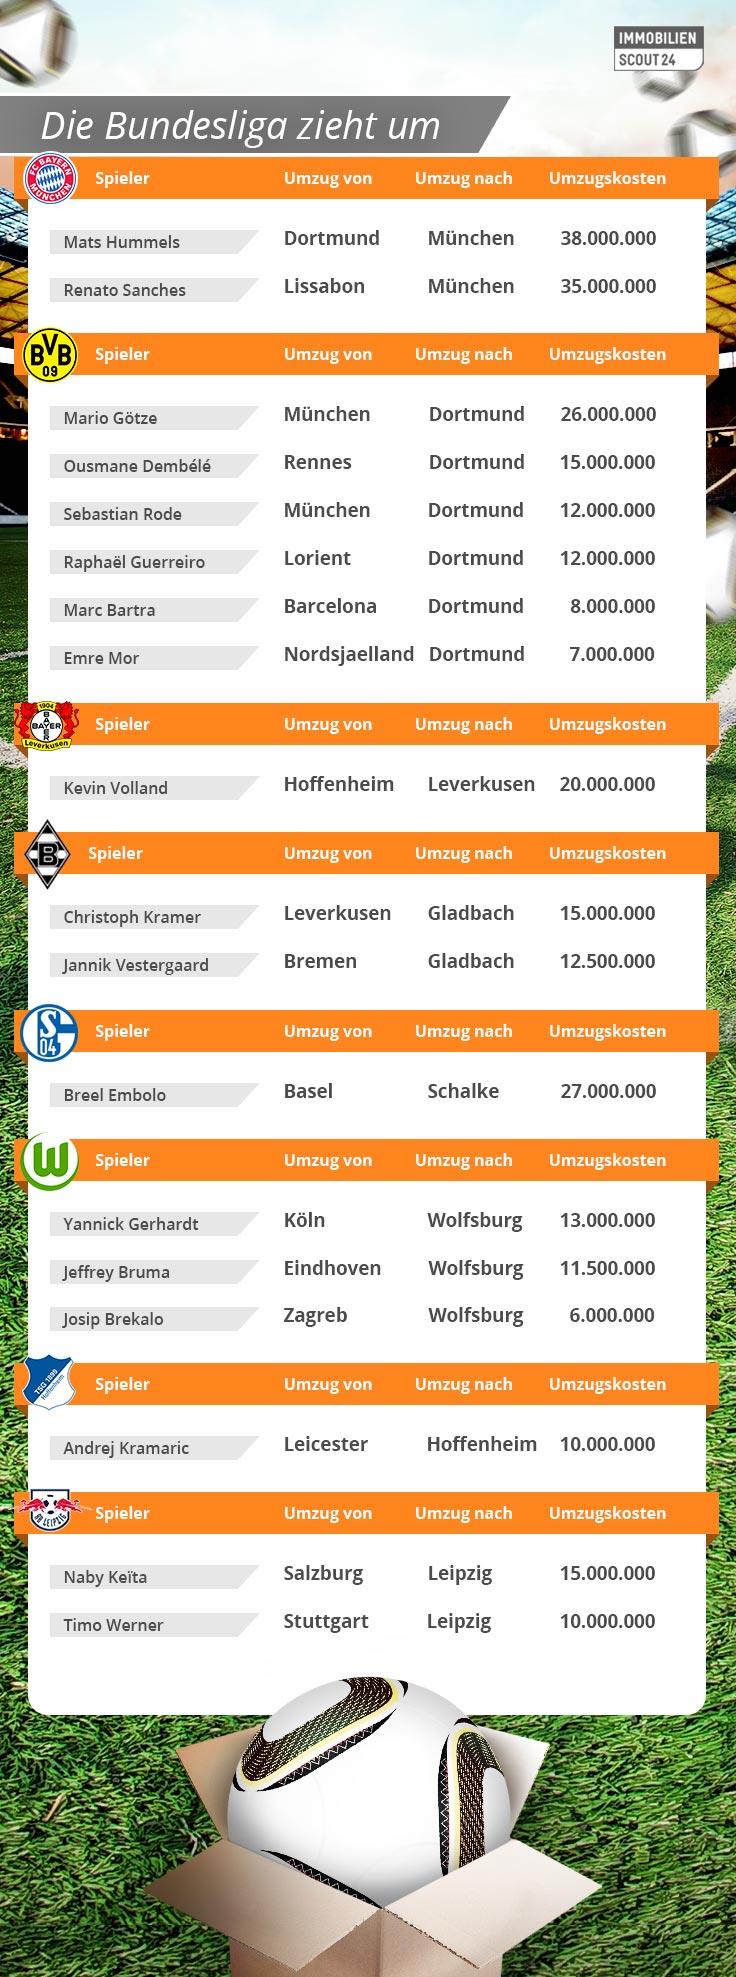 Die-Bundesliga-zieht-um